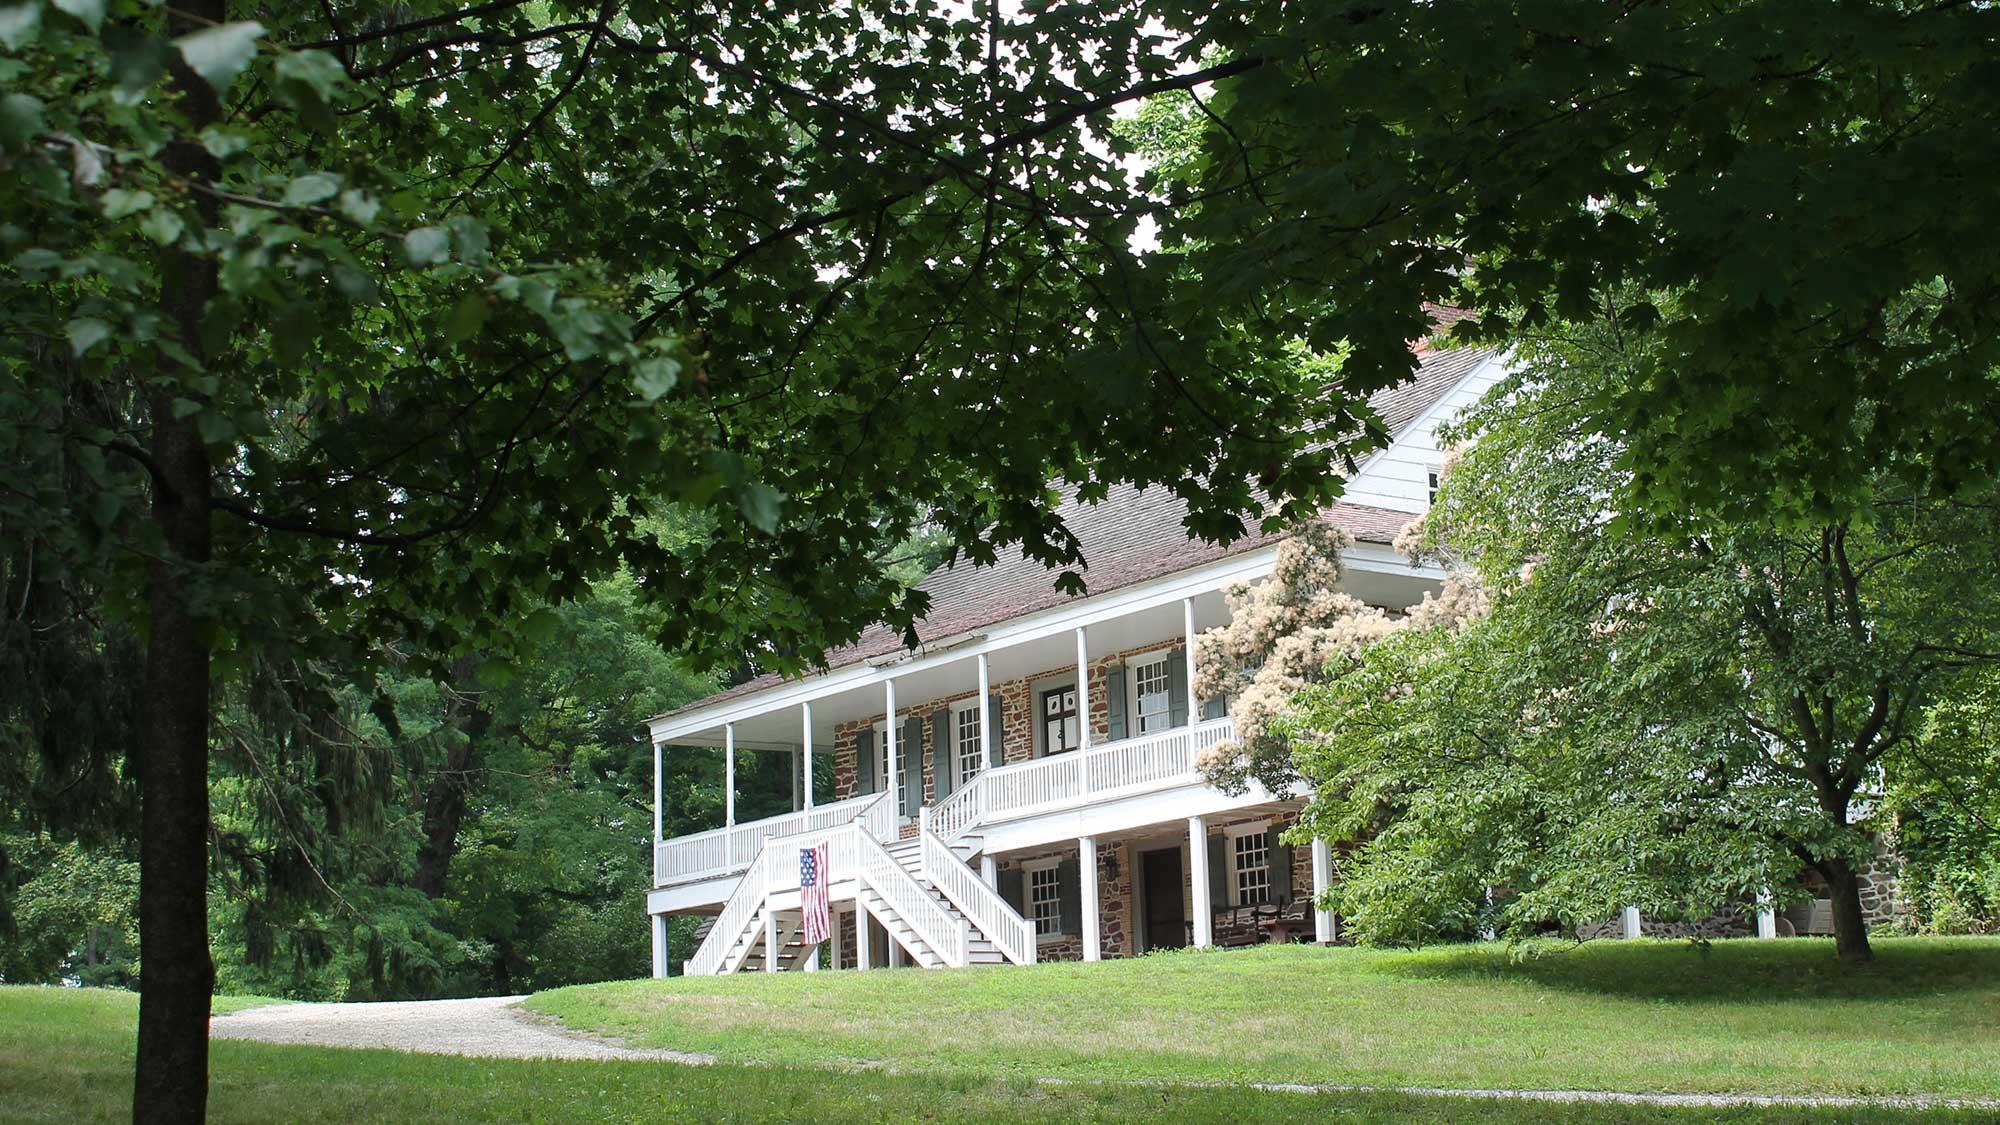 Van Cortlandt Manor in Croton-on-Hudson